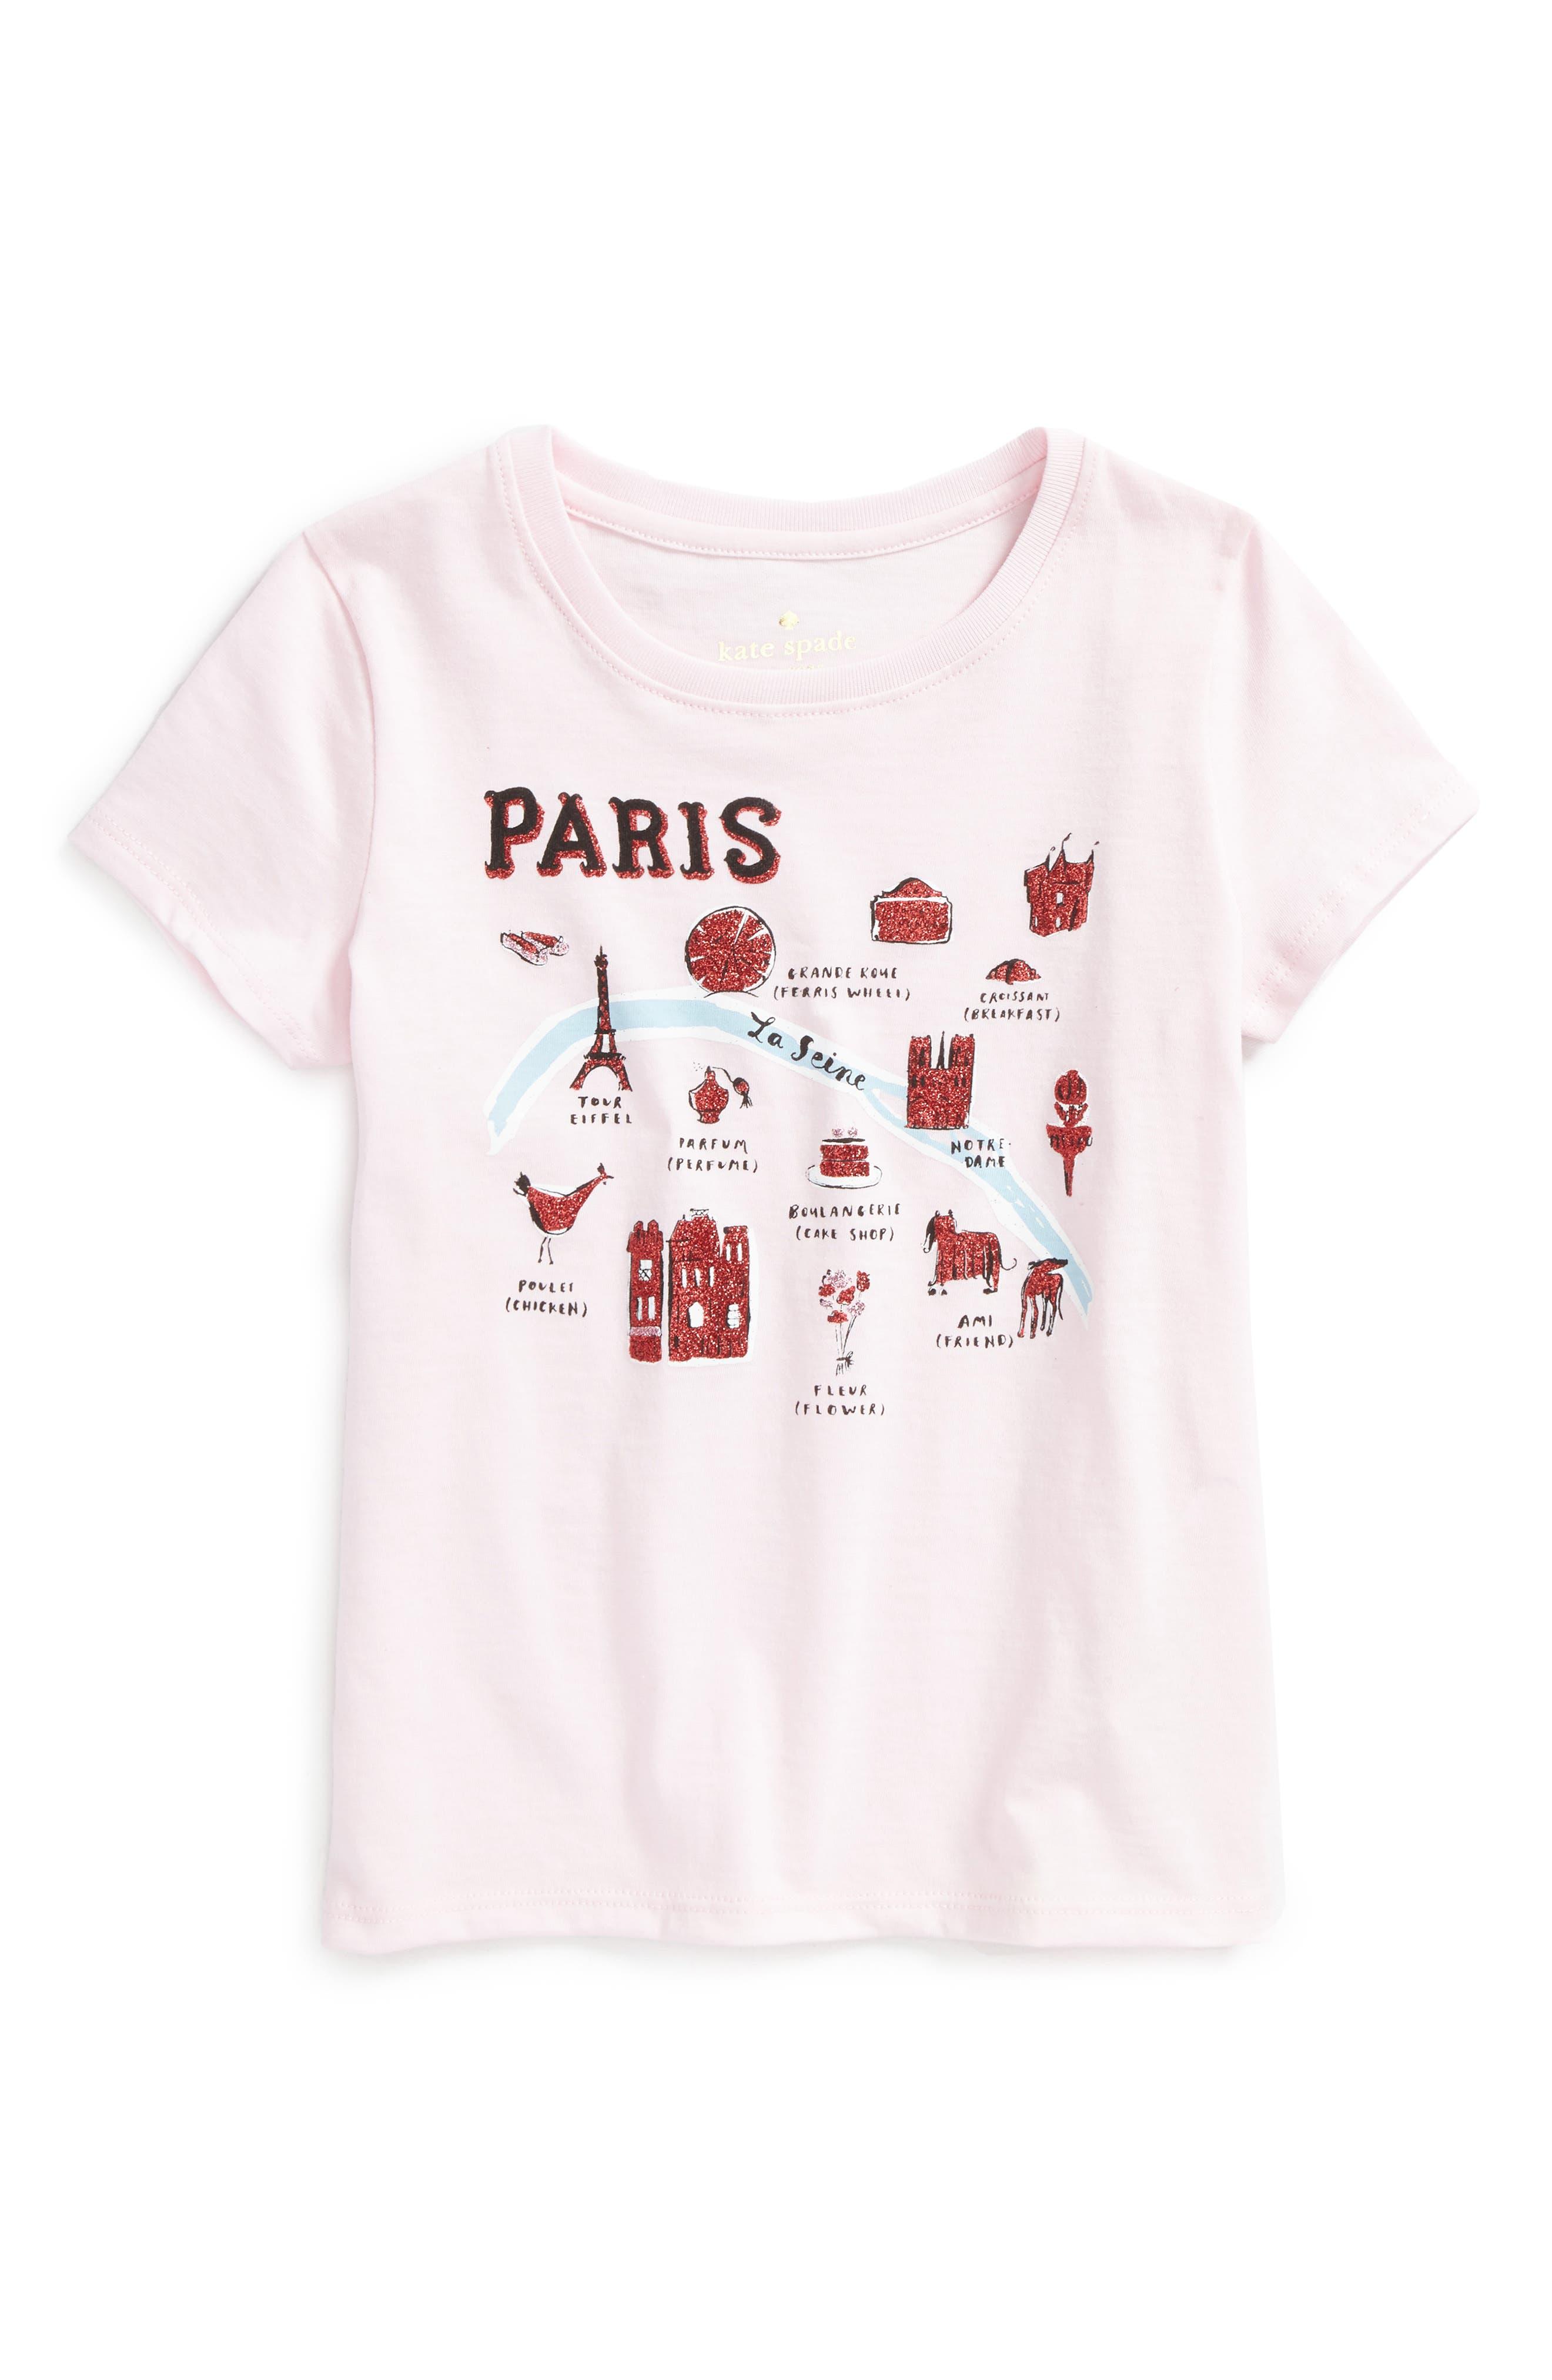 Main Image - kate spade new york paris graphic tee (Toddler Girls & Little Girls)